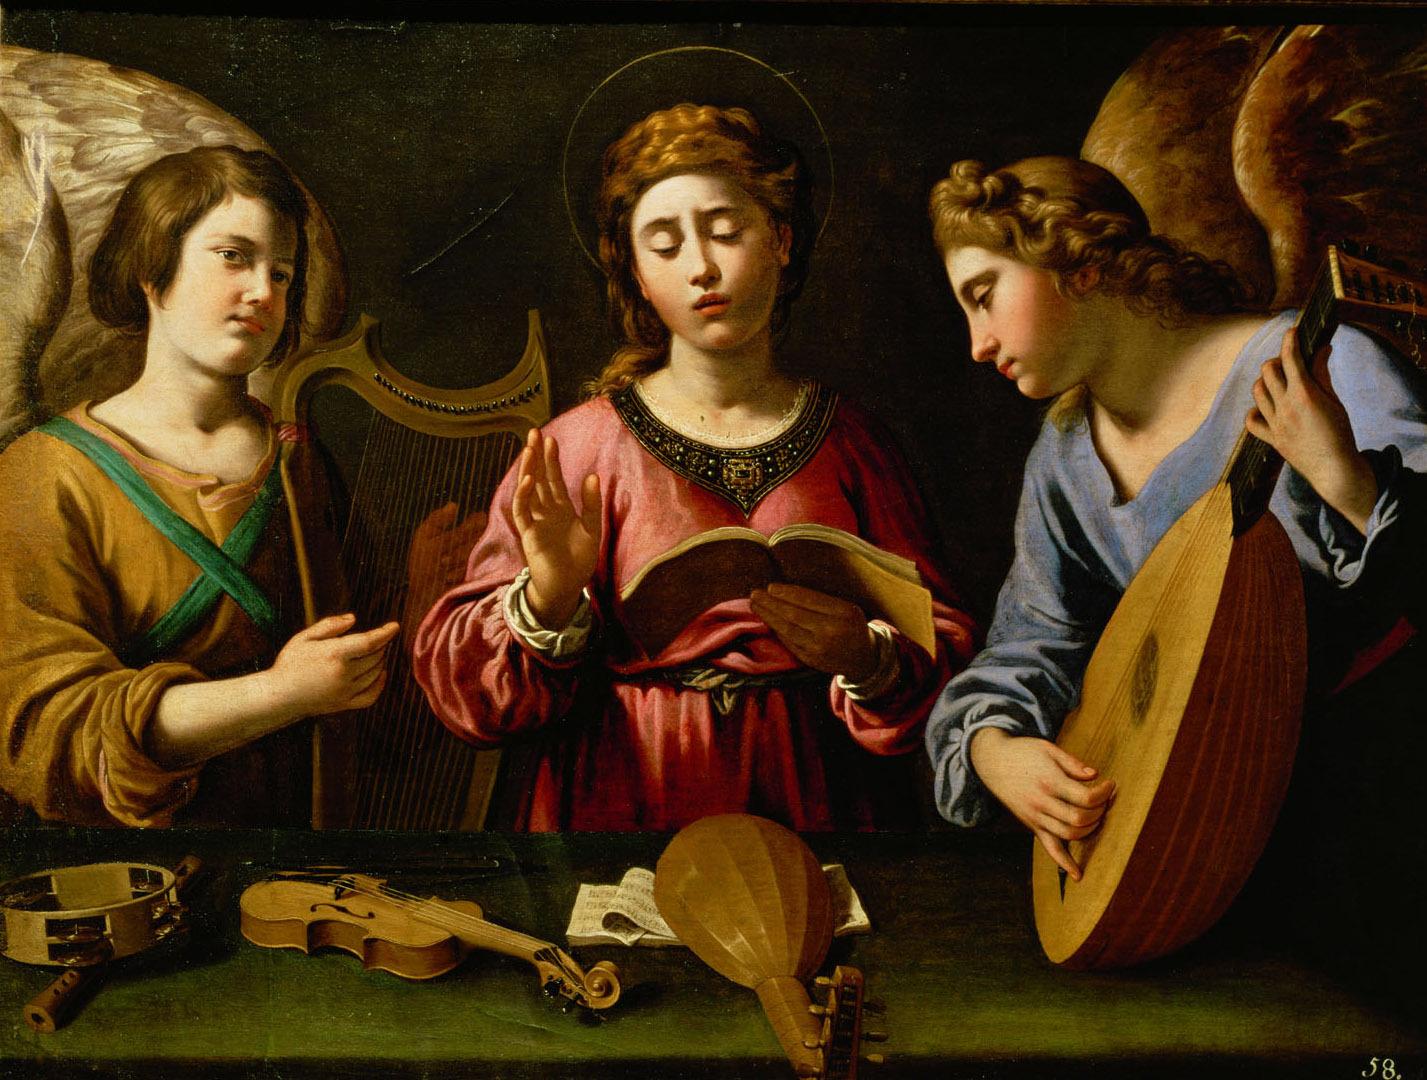 Singende Hl. Cäcilia mit zwei musizierenden Engeln von Antiveduto della Gramatica